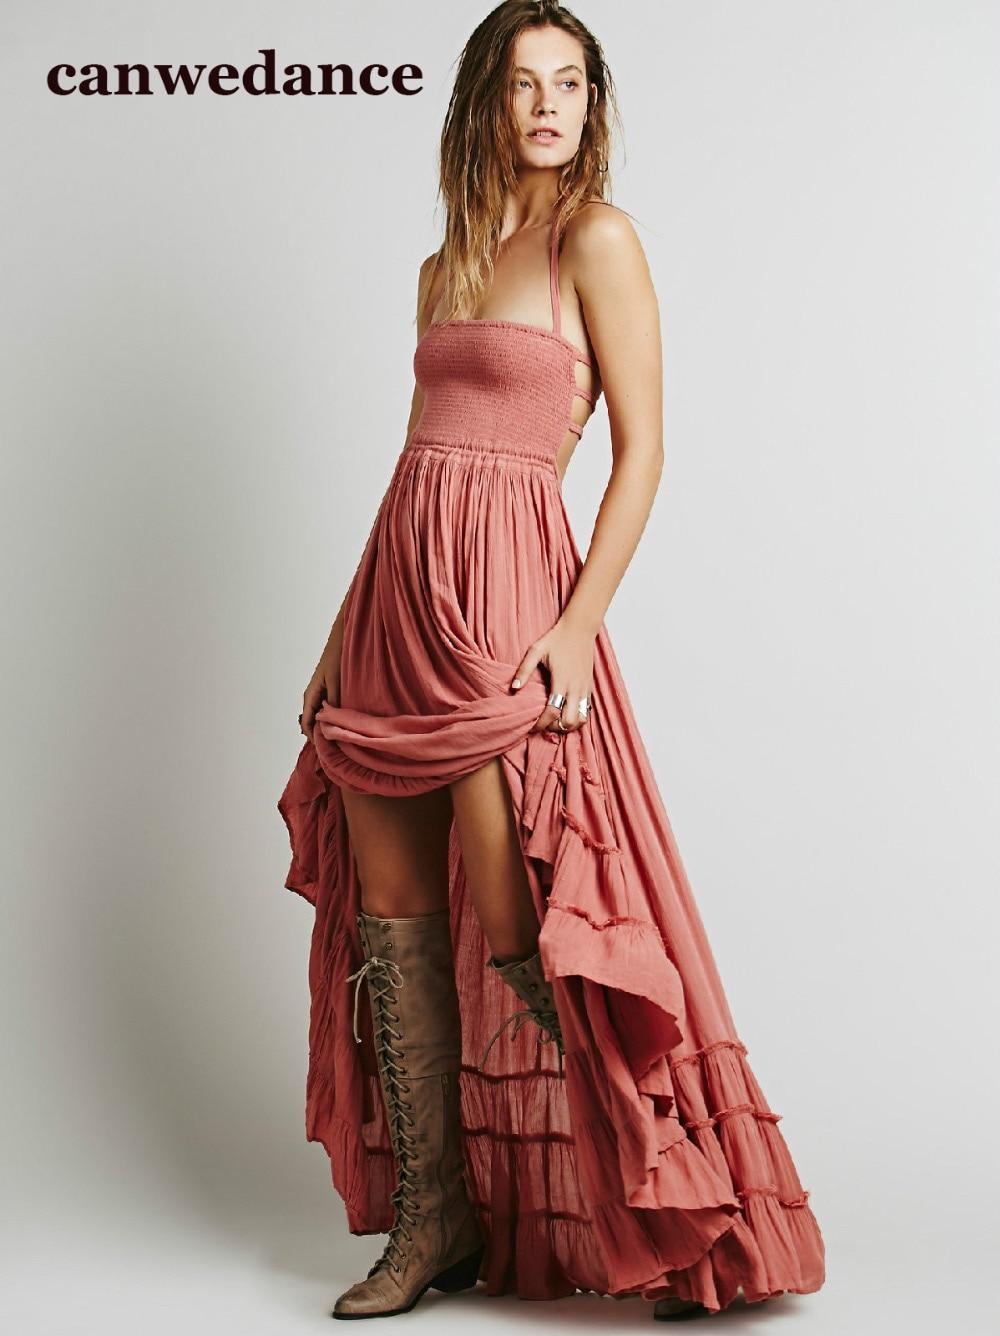 2018 समुद्र तट पोशाक सेक्सी कपड़े बोहो बोहेमियन लोग छुट्टी गर्मियों लंबे समय तक बिना कपास कपास पार्टी हिप्पी ठाठ बनियान